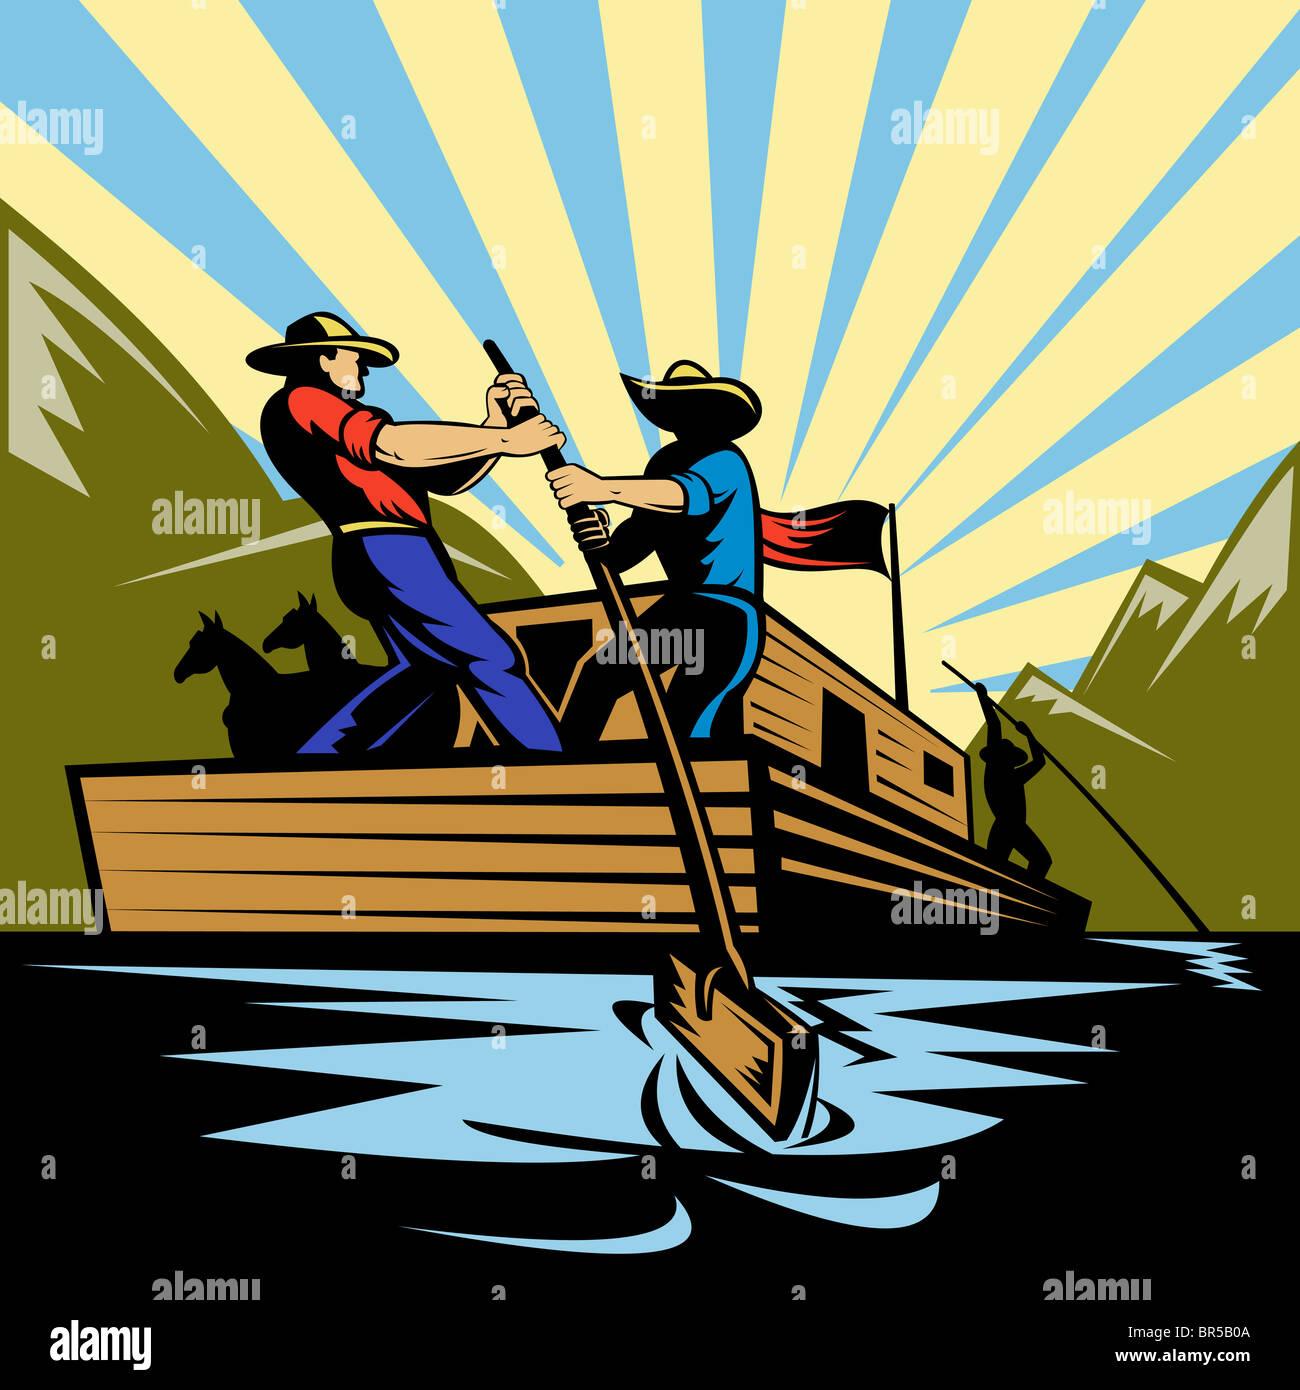 Abbildung eines Cowboy-Mannes Lenkung Flachboot Fluss entlang Stockfoto